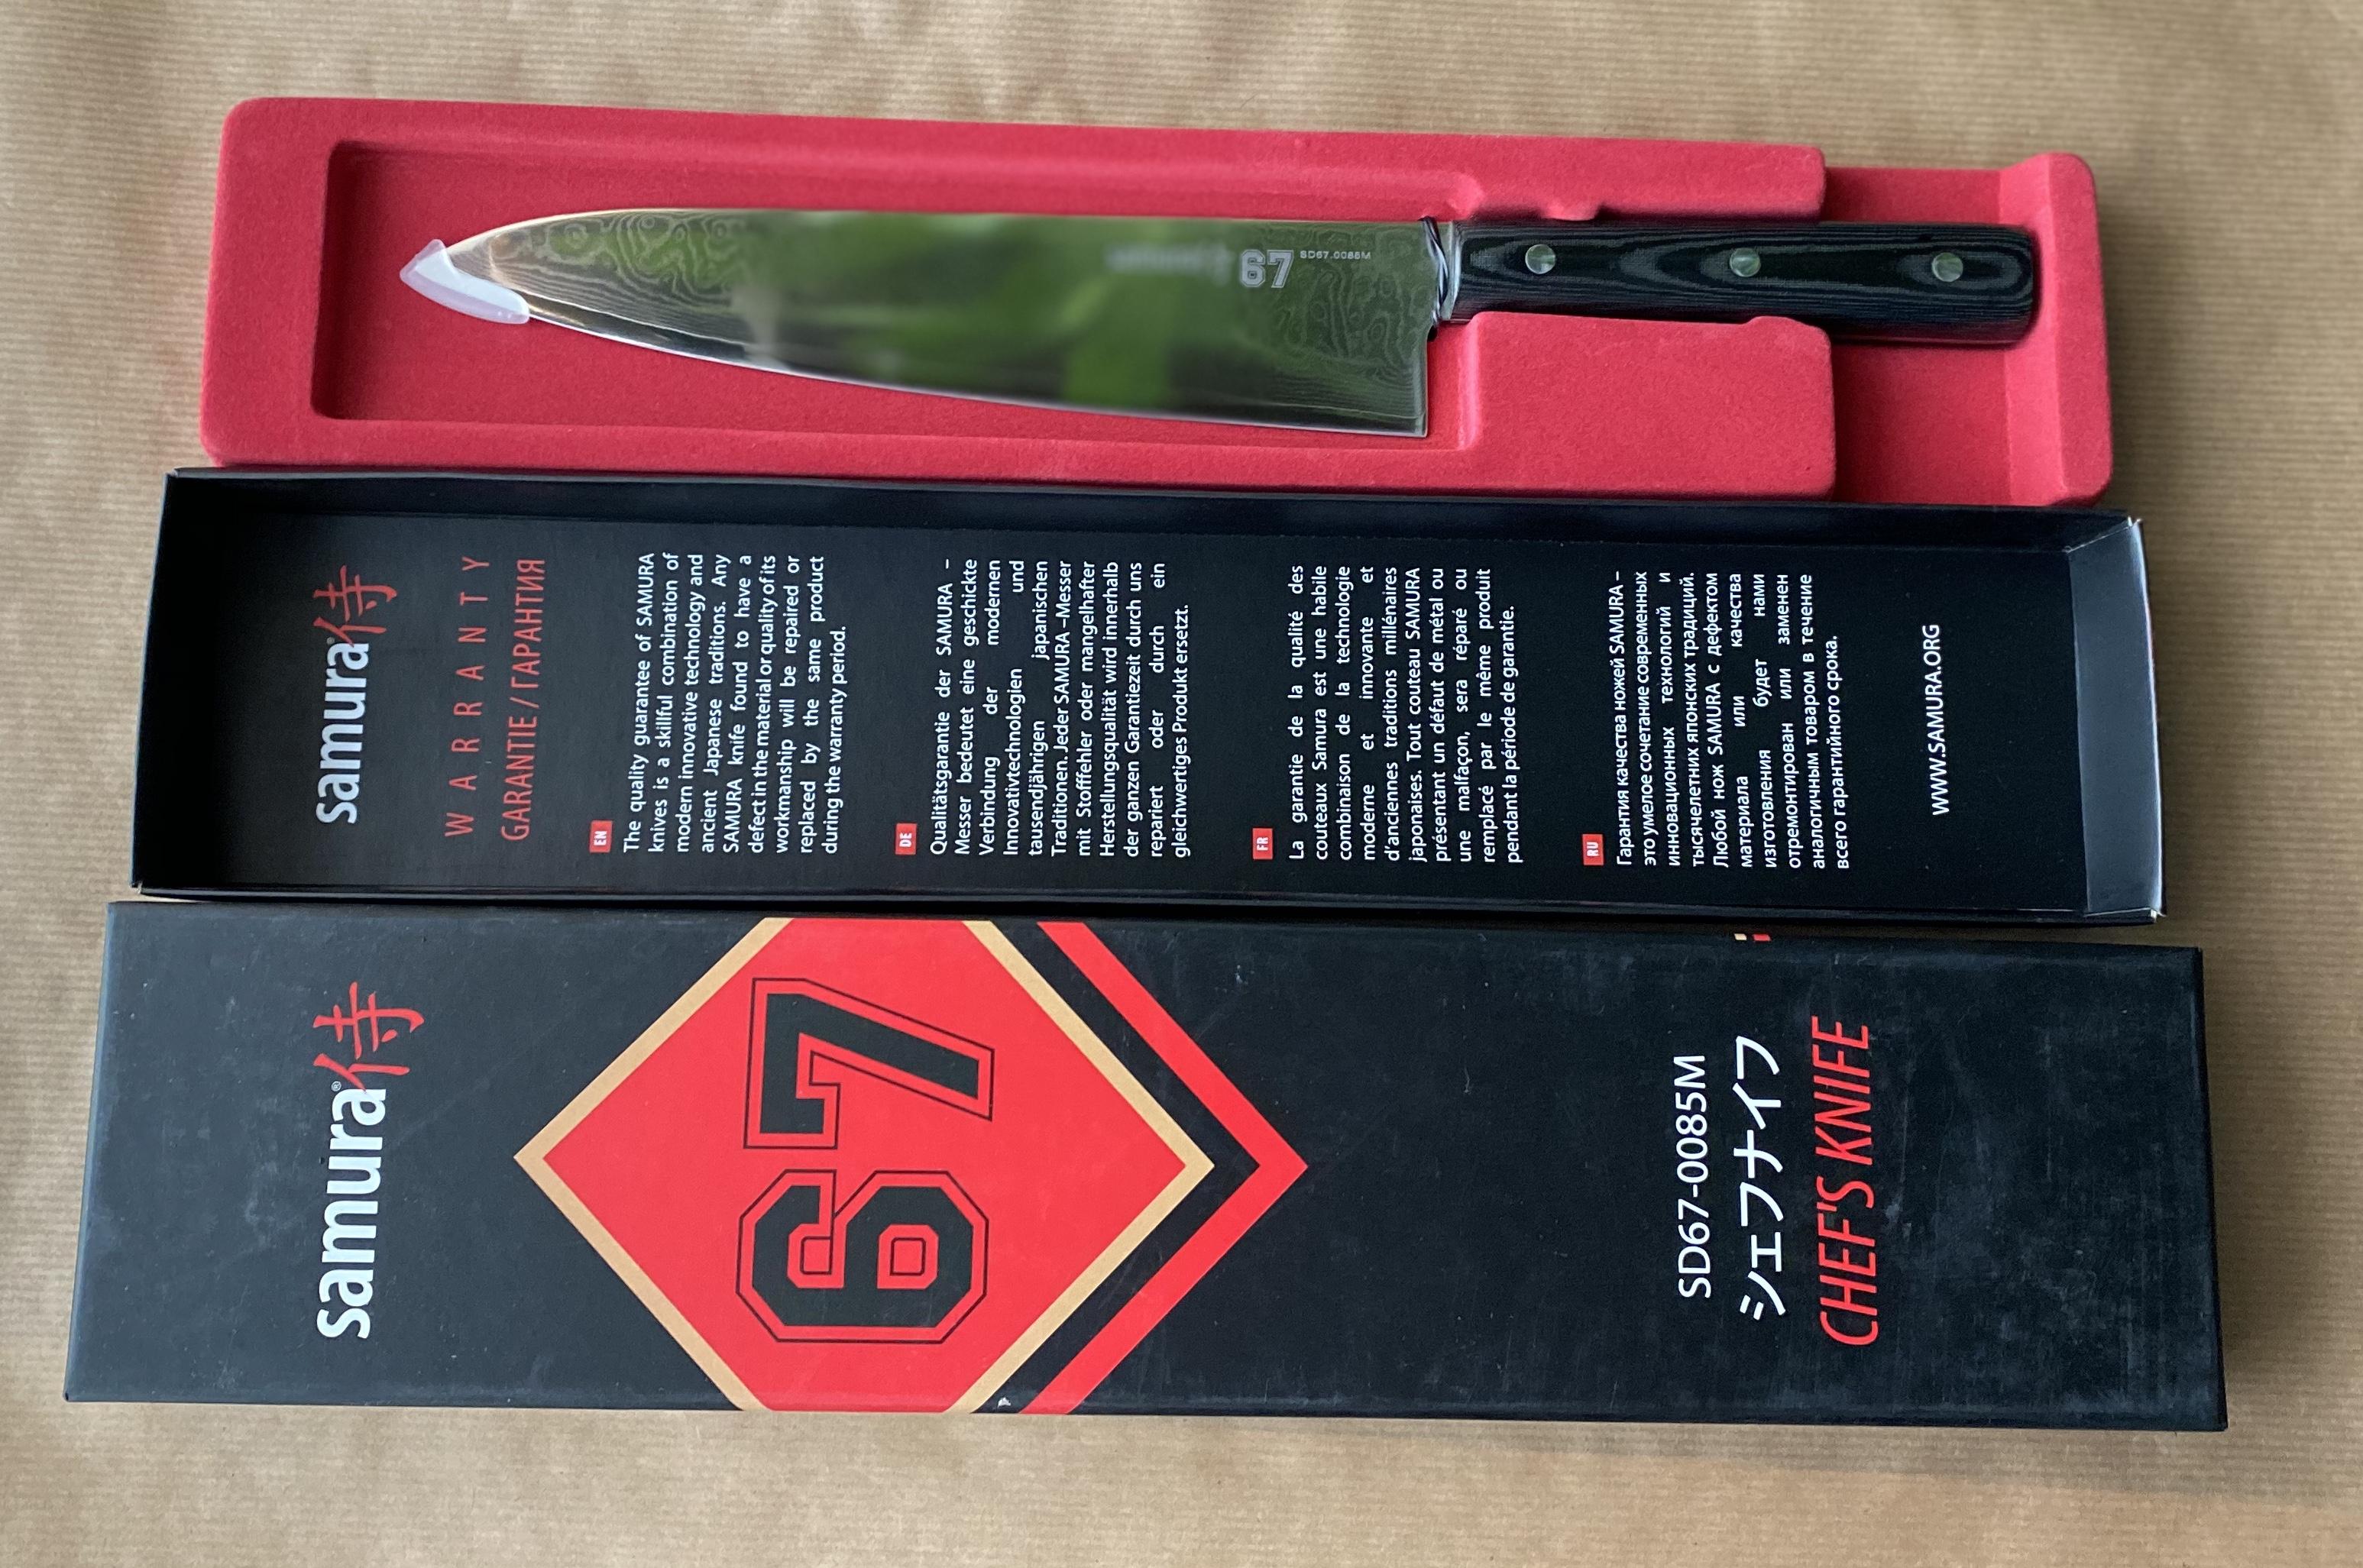 Нож Samura 67 Damascus в упаковке